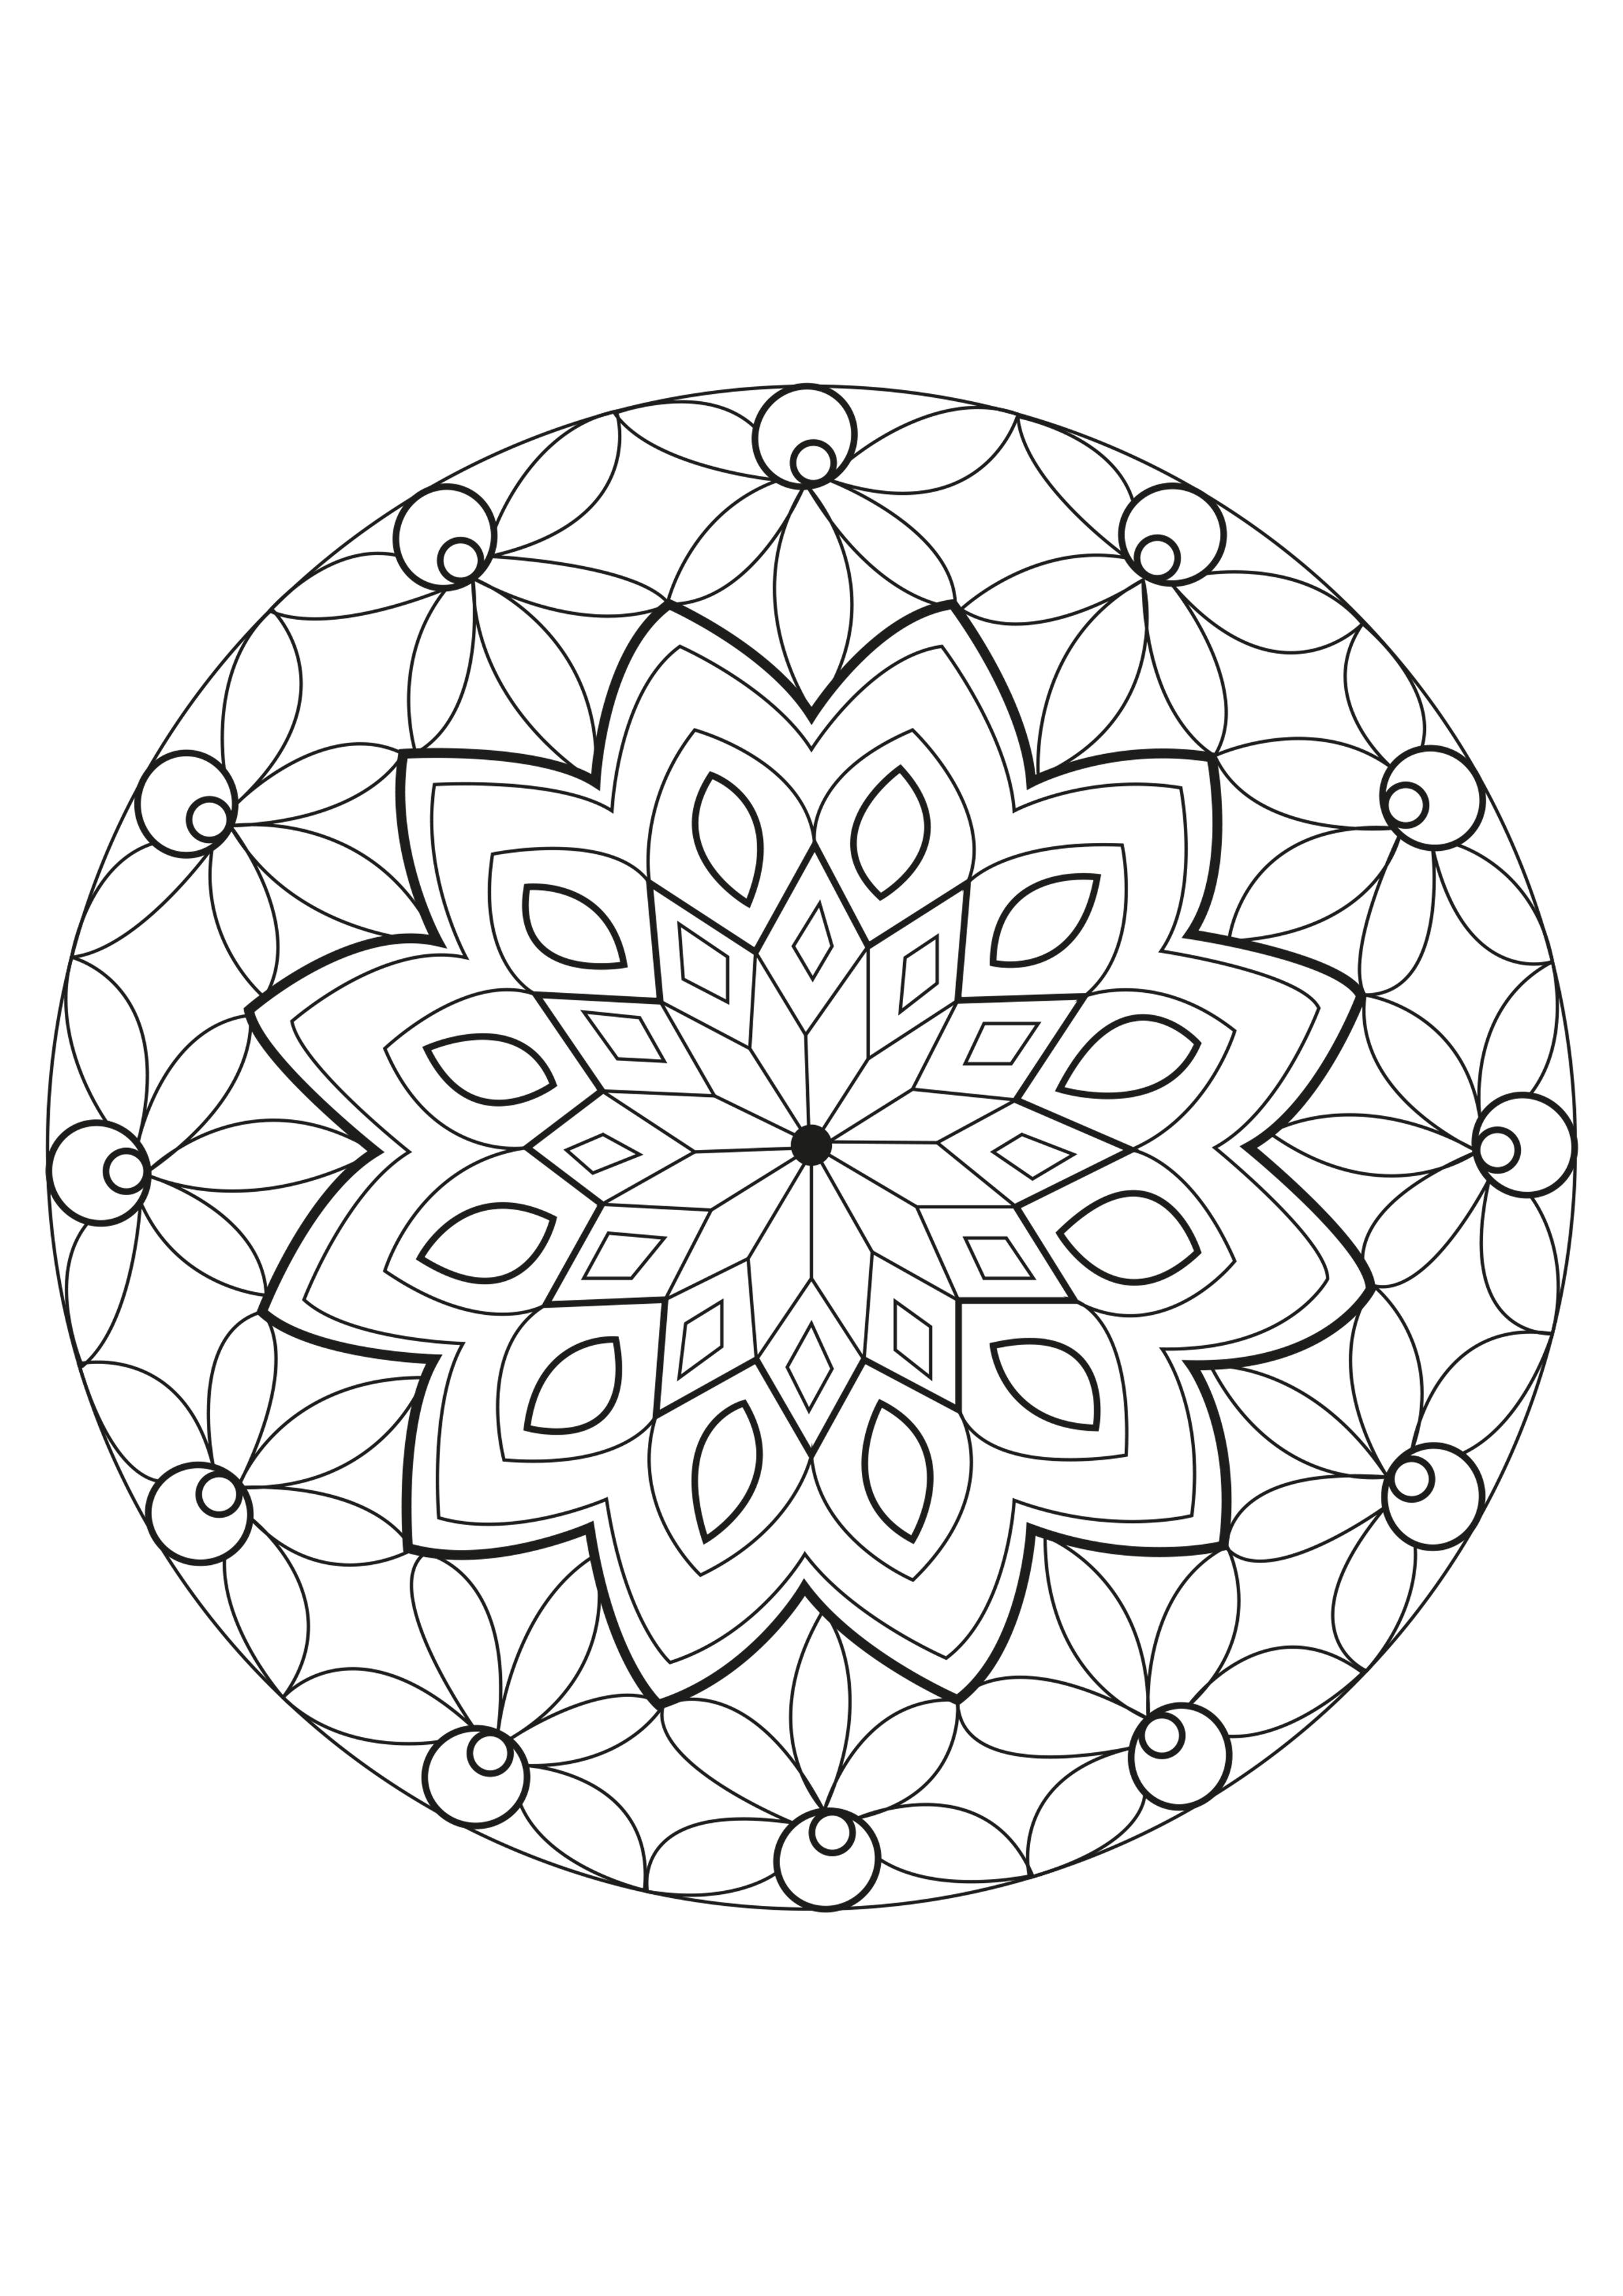 Disegni da colorare per adulti : Mandalas - 119